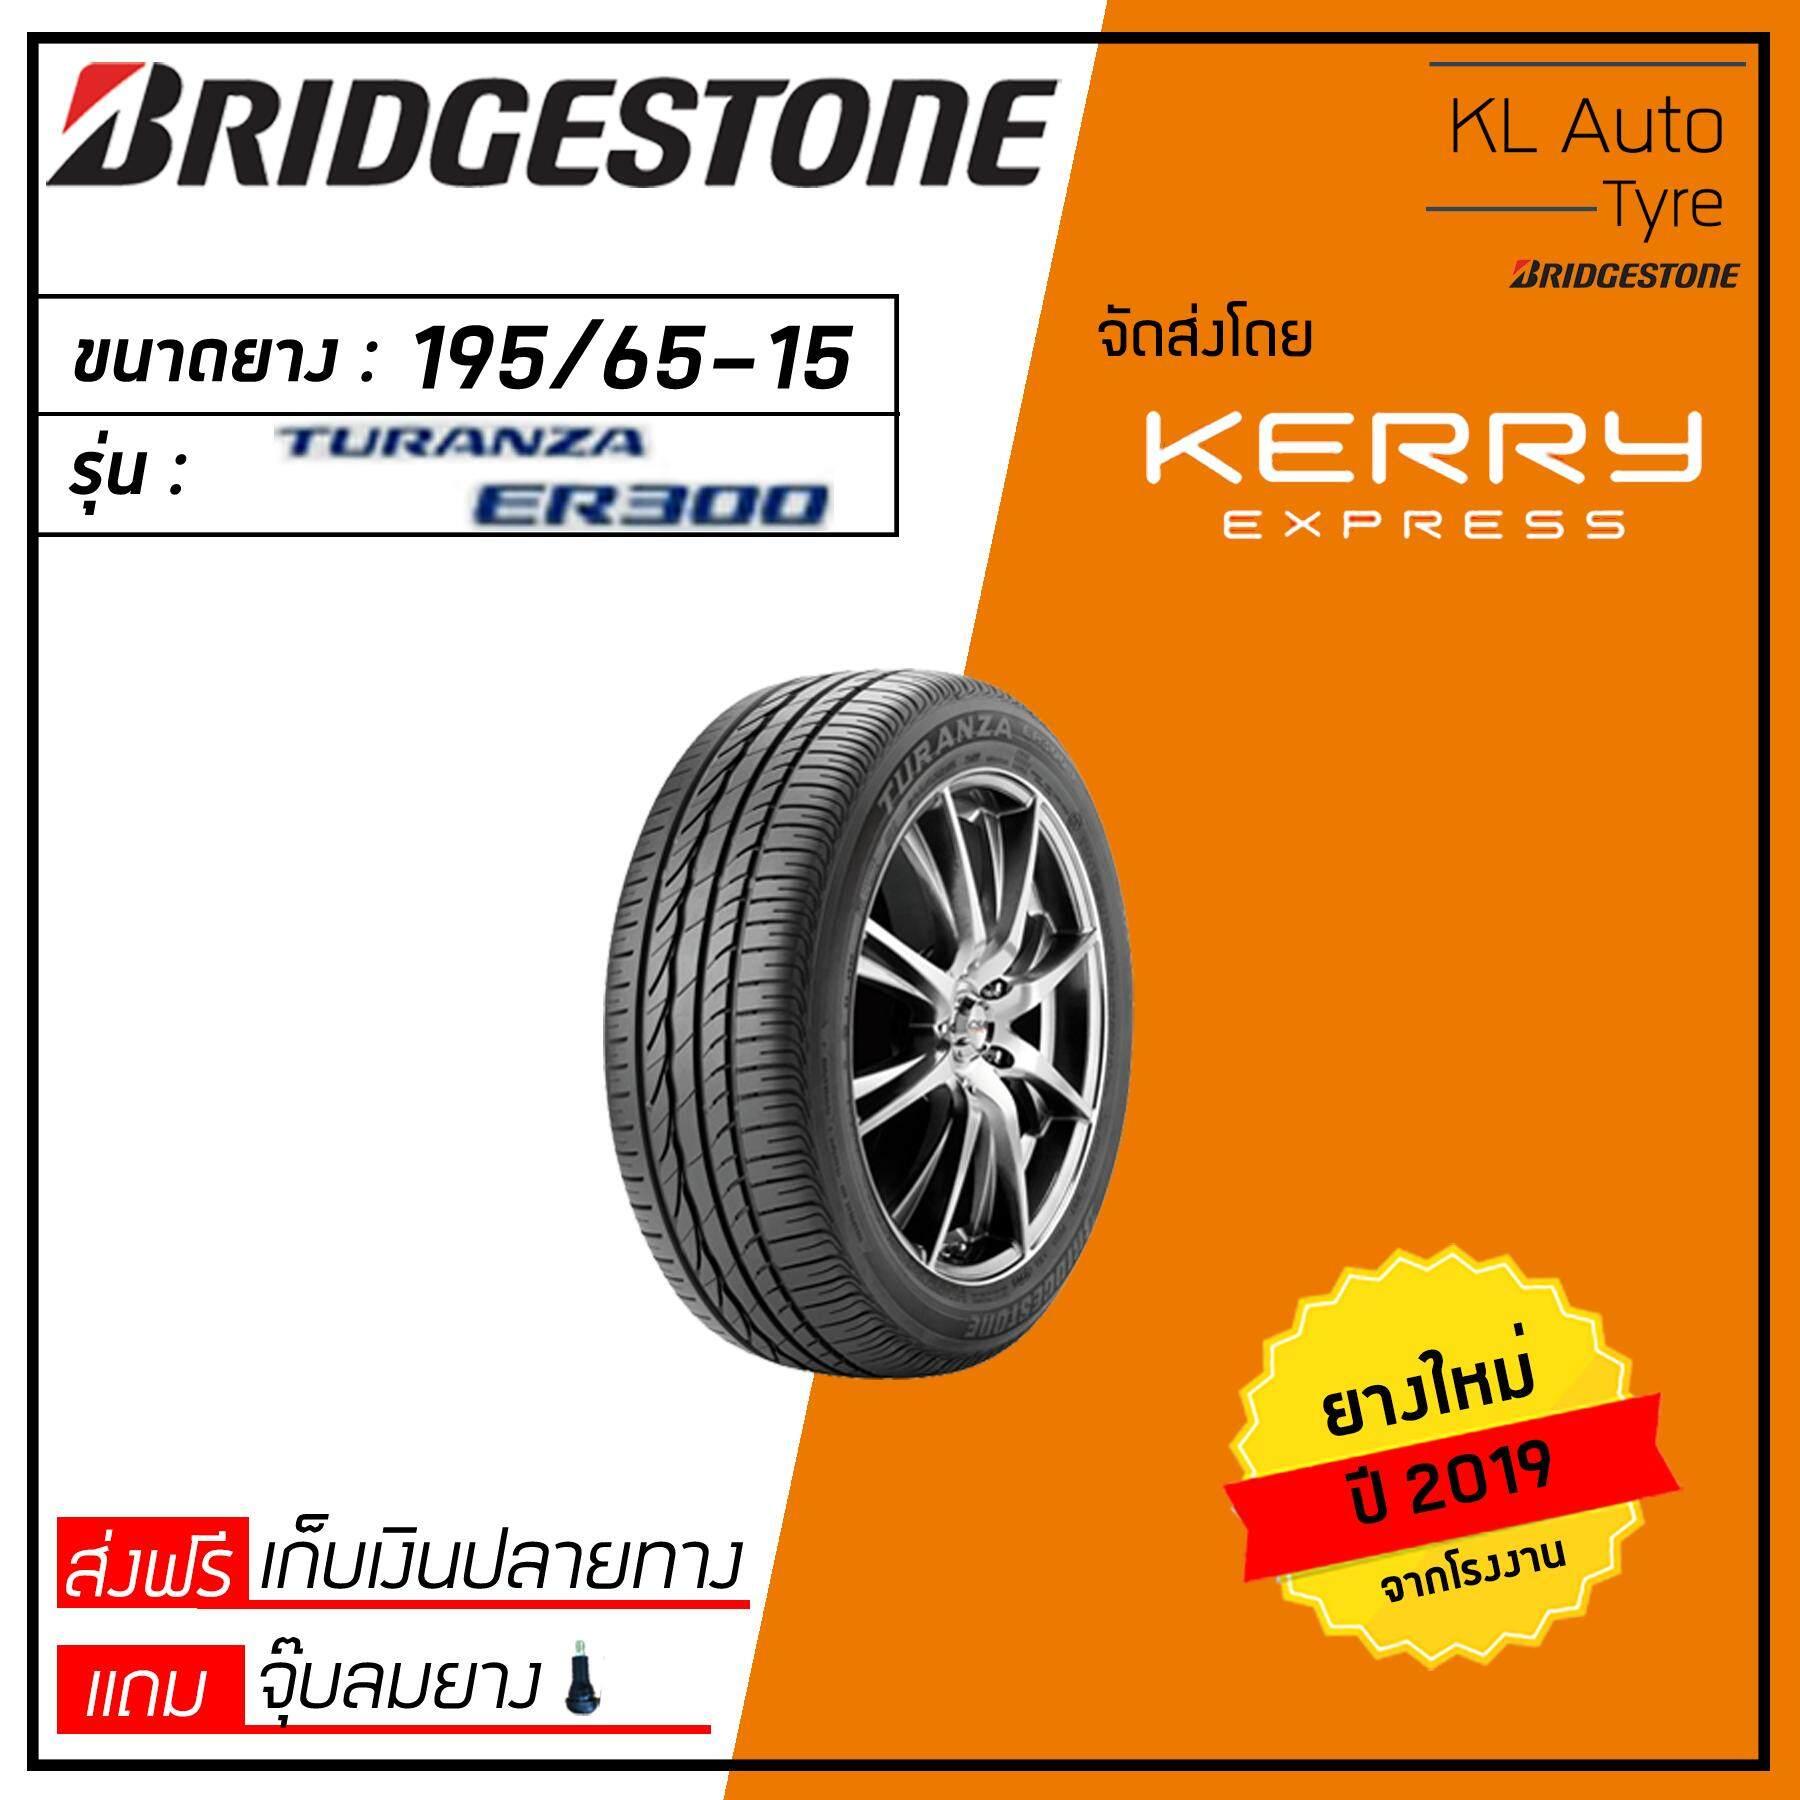 ประกันภัย รถยนต์ 3 พลัส ราคา ถูก นครนายก Bridgestone 195/65-15 ER300 1 เส้น ปี 19 (ฟรี จุ๊บยาง 1 ตัว มูลค่า 50 บาท)